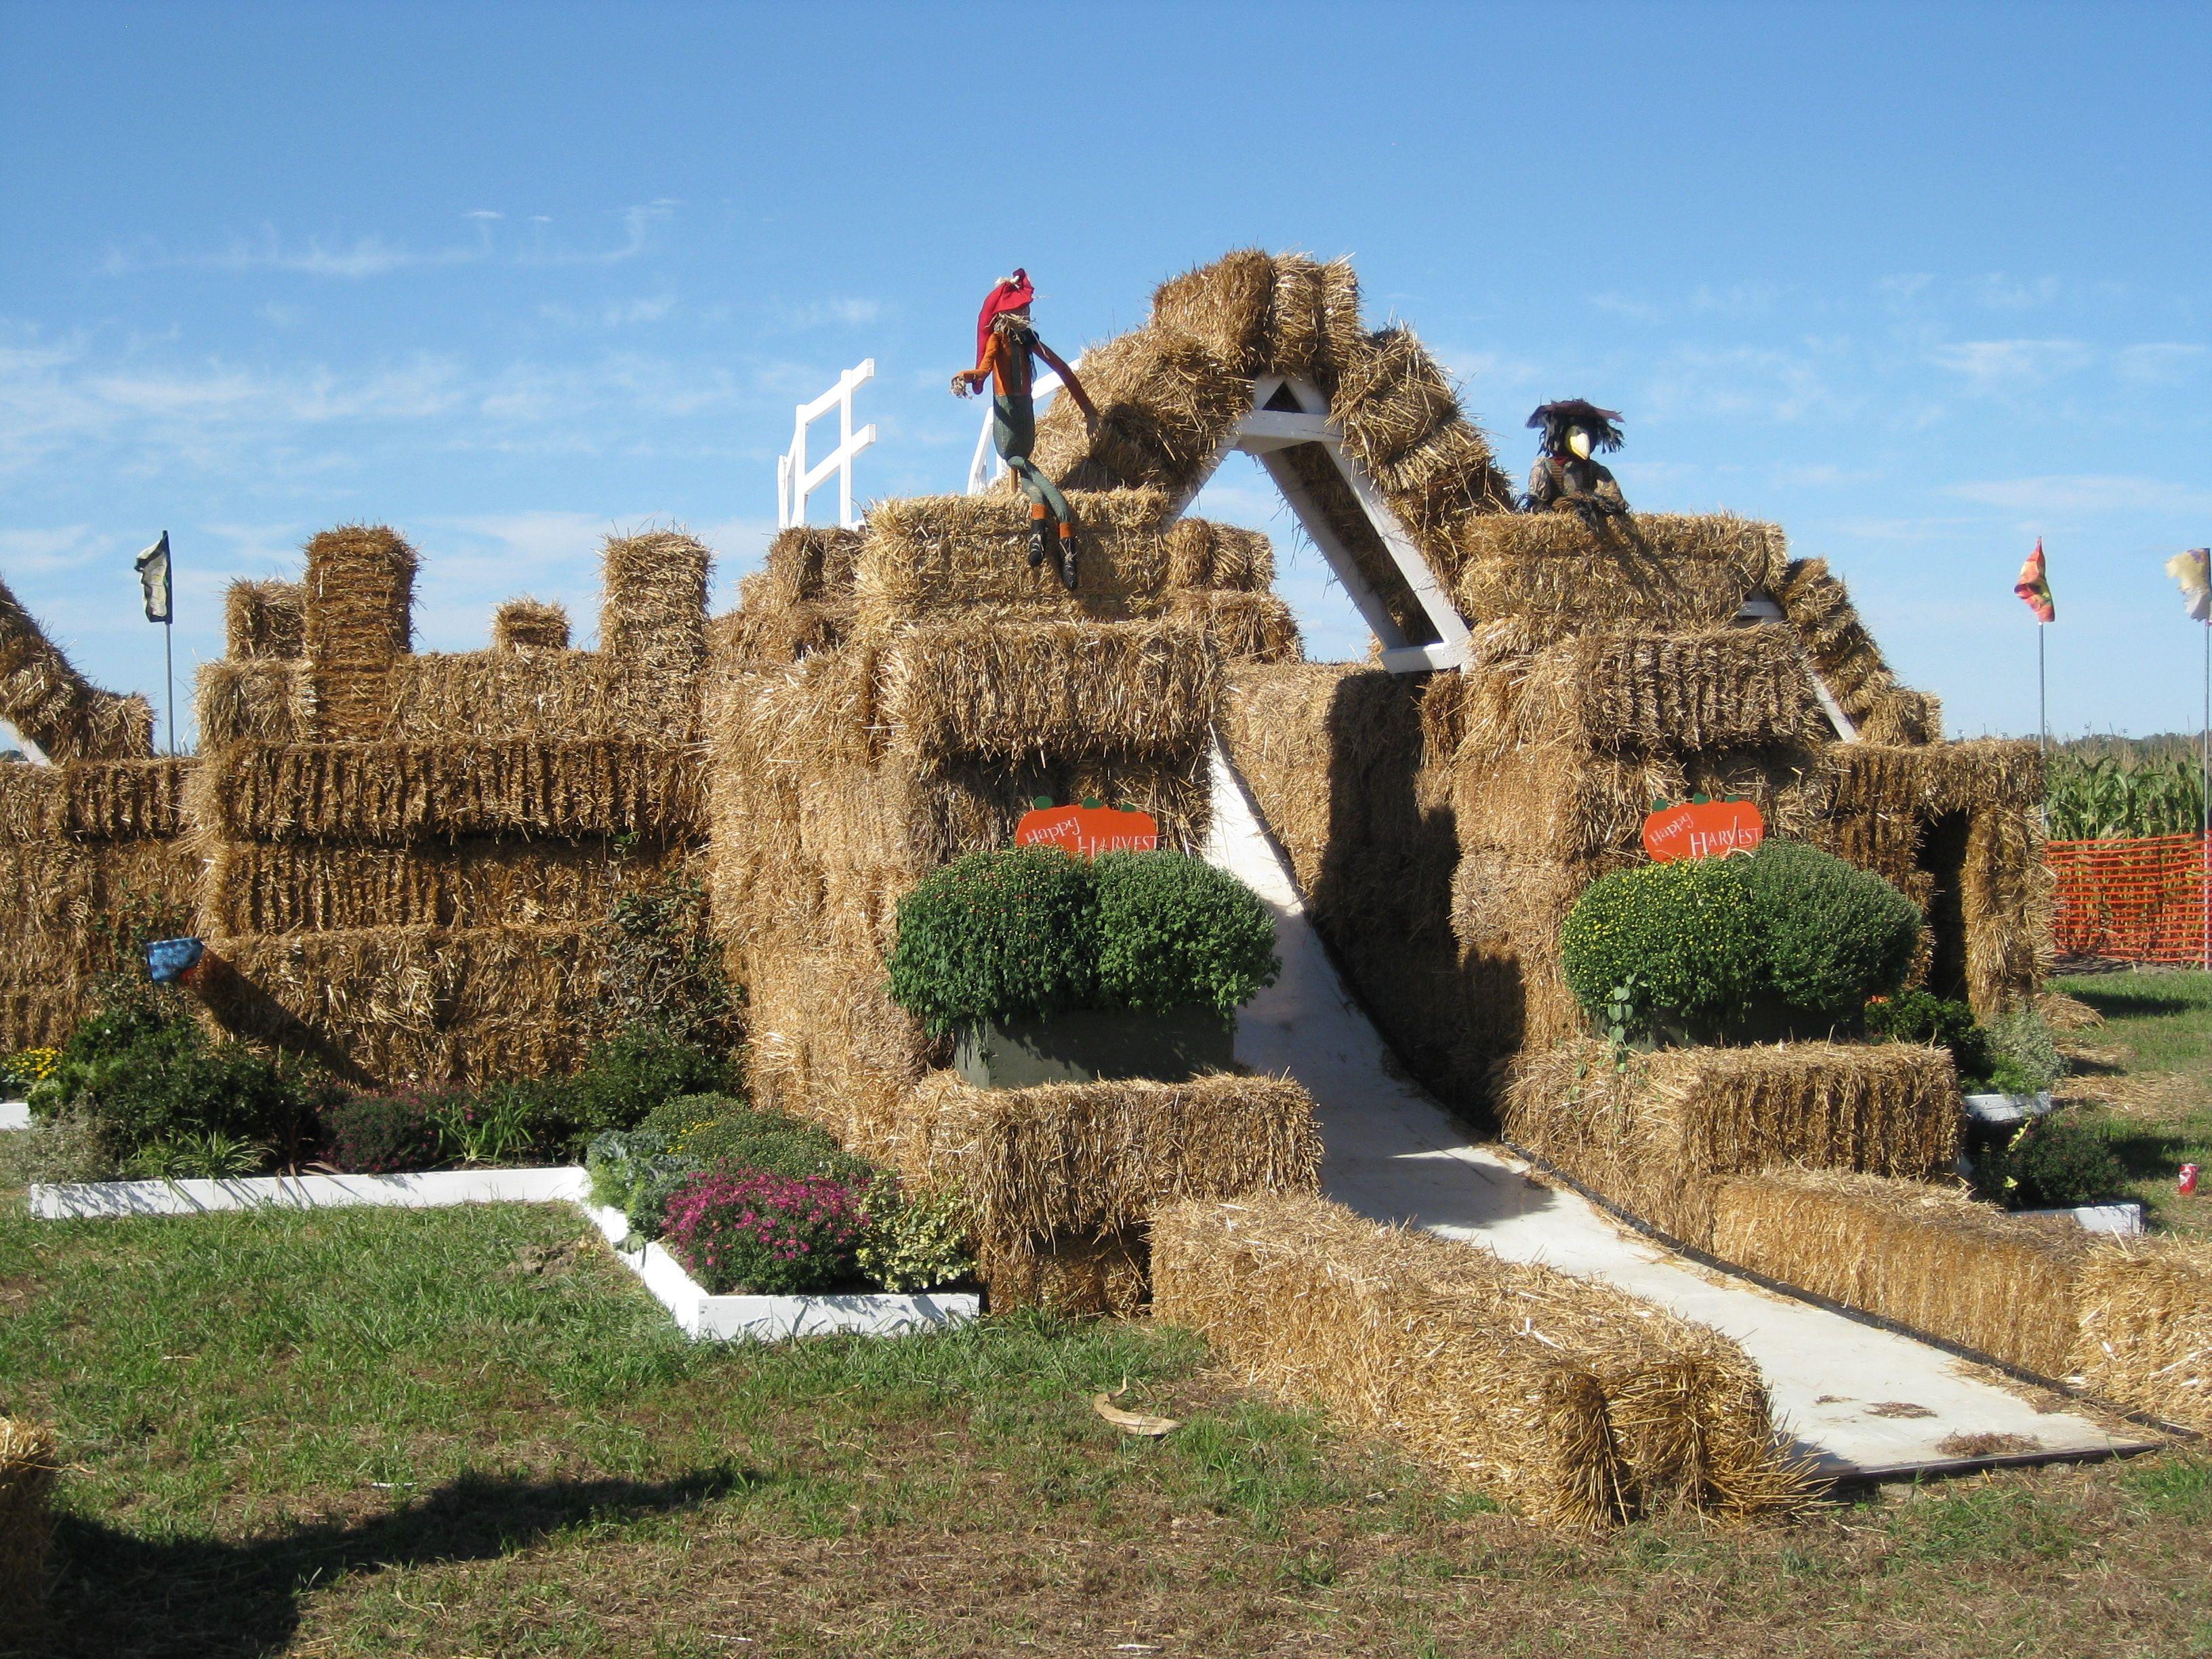 Thies Farm Pumpkinland   Home Sweet Home: St. Louis   Pinterest